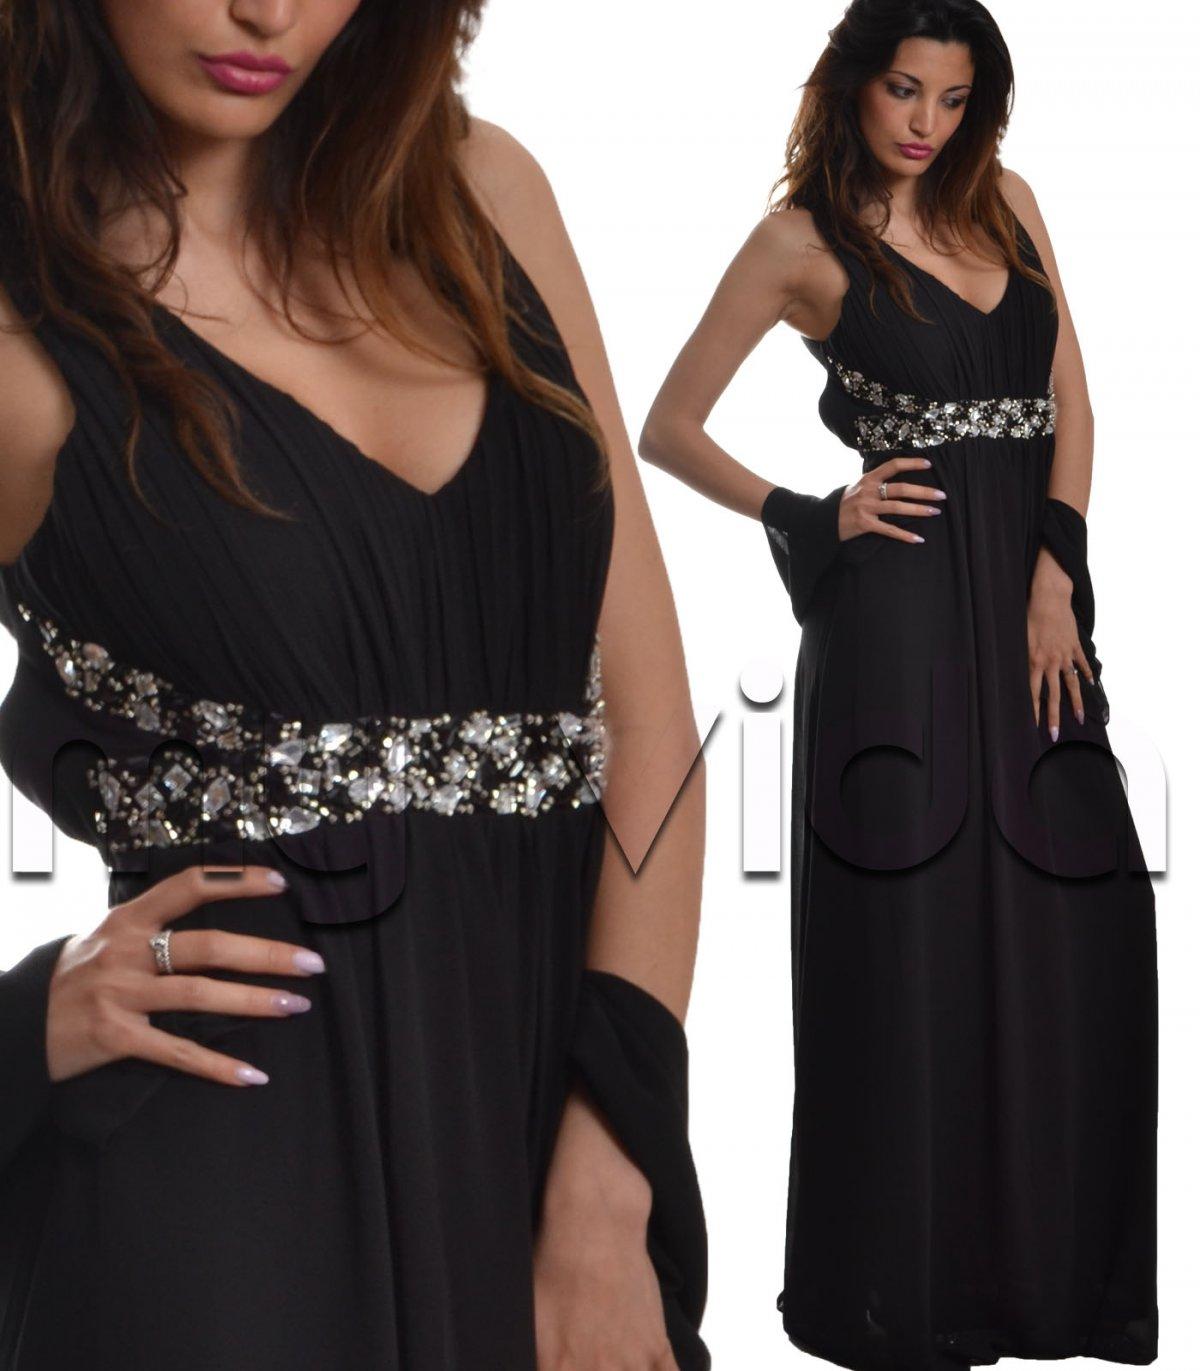 bb7f9d87ed602 Abito da sera lungo donna vestito femminile nero schiena scoperta ...